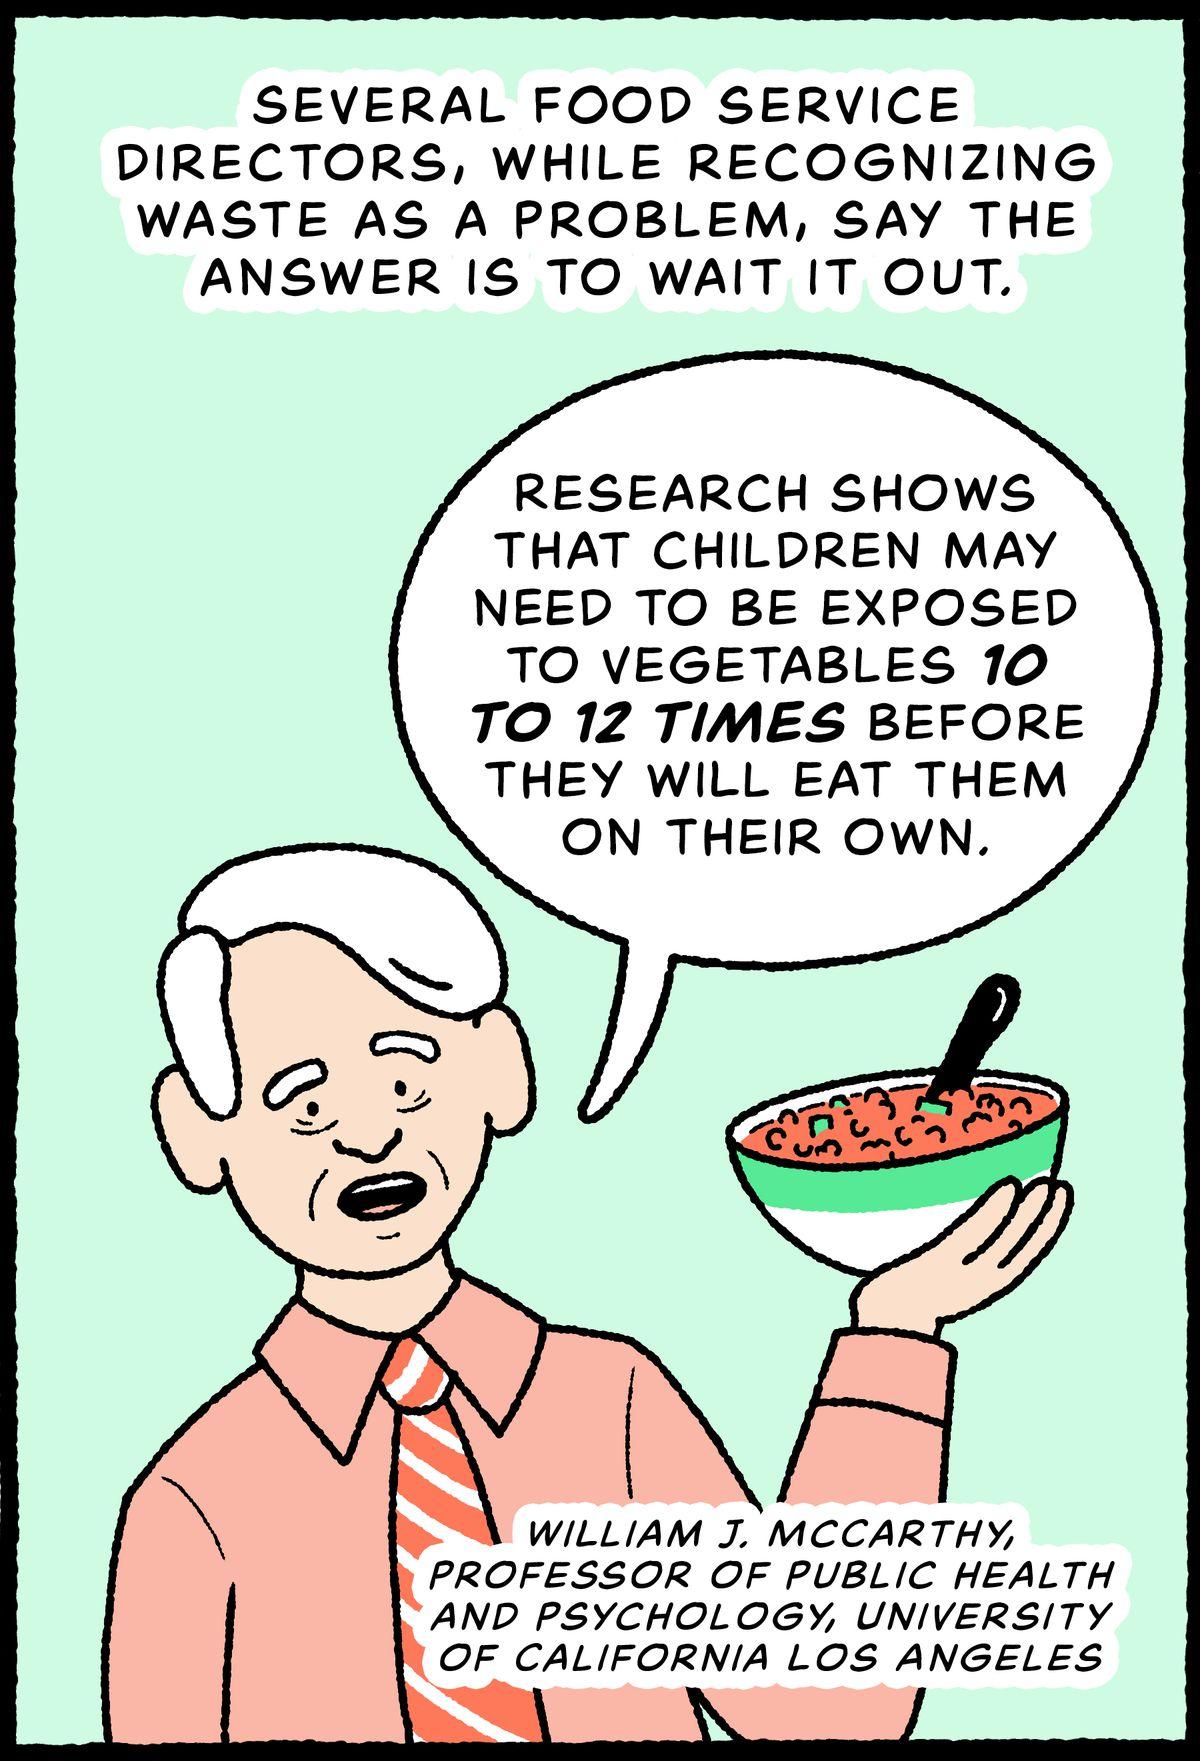 William J. McCarthy, professeur de santé publique et de psychologie, Université de Californie à Los Angeles, brandissant une salade de quinoa : Plusieurs directeurs de services alimentaires, tout en reconnaissant le gaspillage comme un problème, disent que la réponse est d'attendre.  La recherche montre que les enfants peuvent avoir besoin d'être exposés à des légumes 10 à 12 fois avant de les manger seuls.